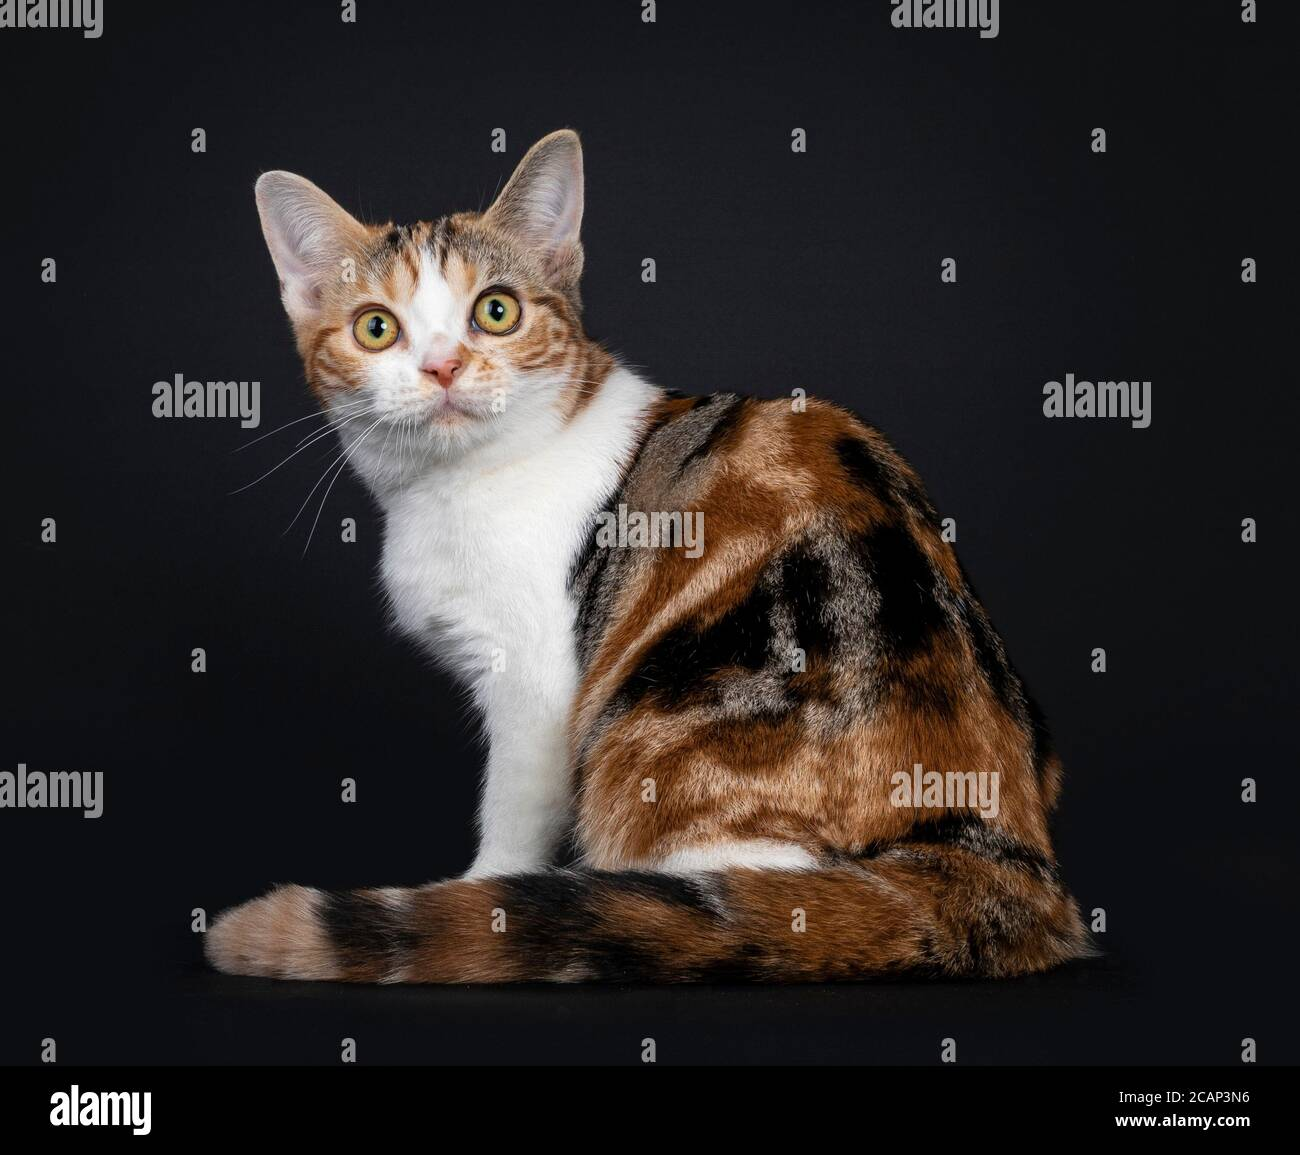 Ziemlich American Kurzhaar Katze Kätzchen mit erstaunlichen Muster, sitzt rückwärts. Blick über die Schulter mit gelben Augen direkt auf die Kamera. Isoliert auf b Stockfoto